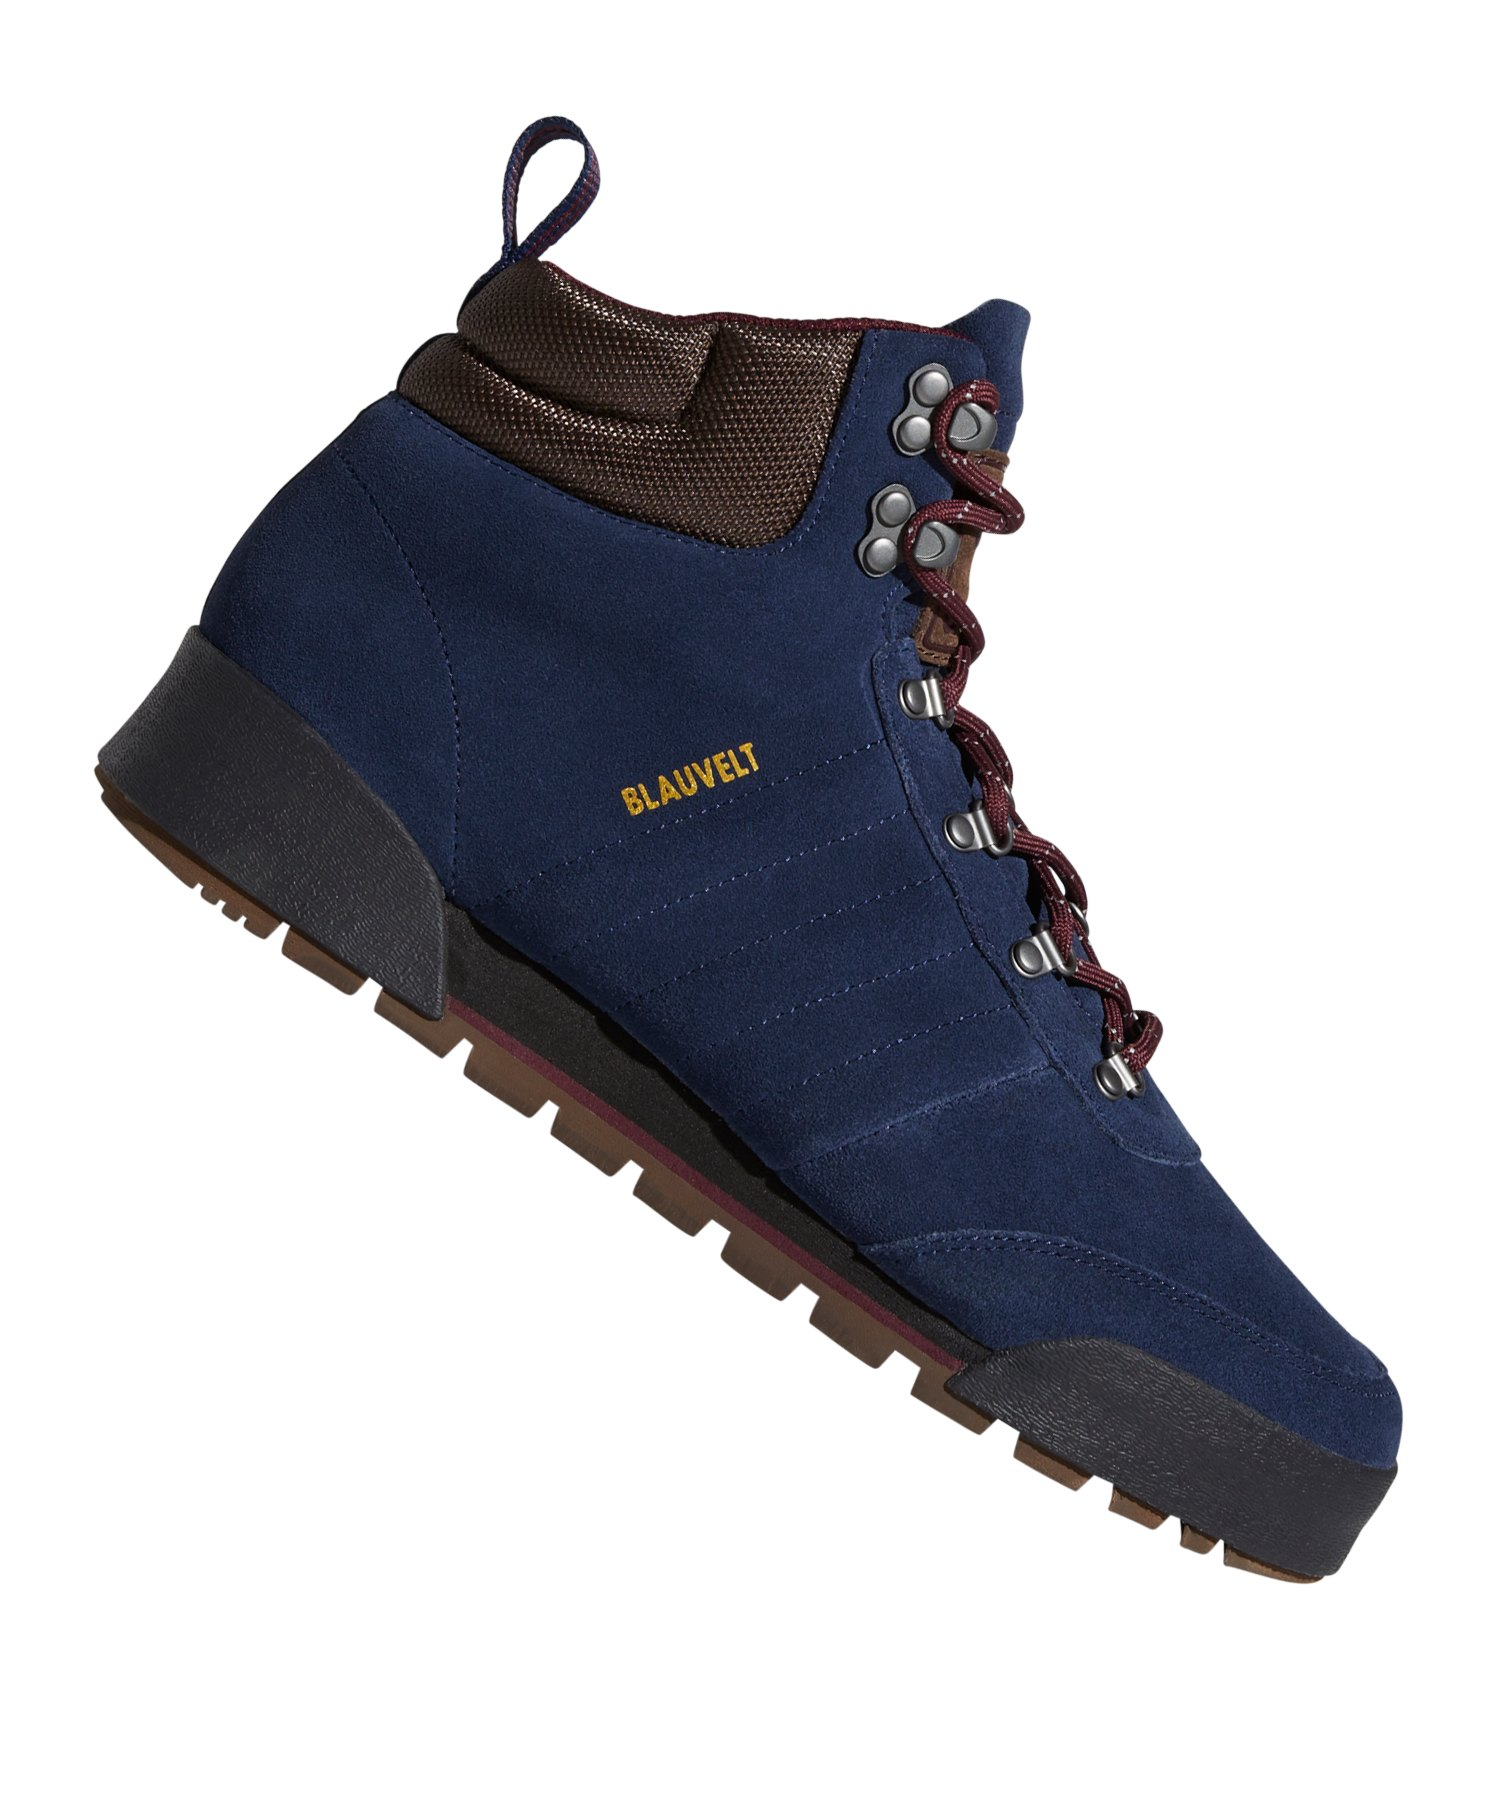 herren adidas schuhe blau schuhe schwarz adidas blau herren herren adidas schwarz schuhe f6by7g